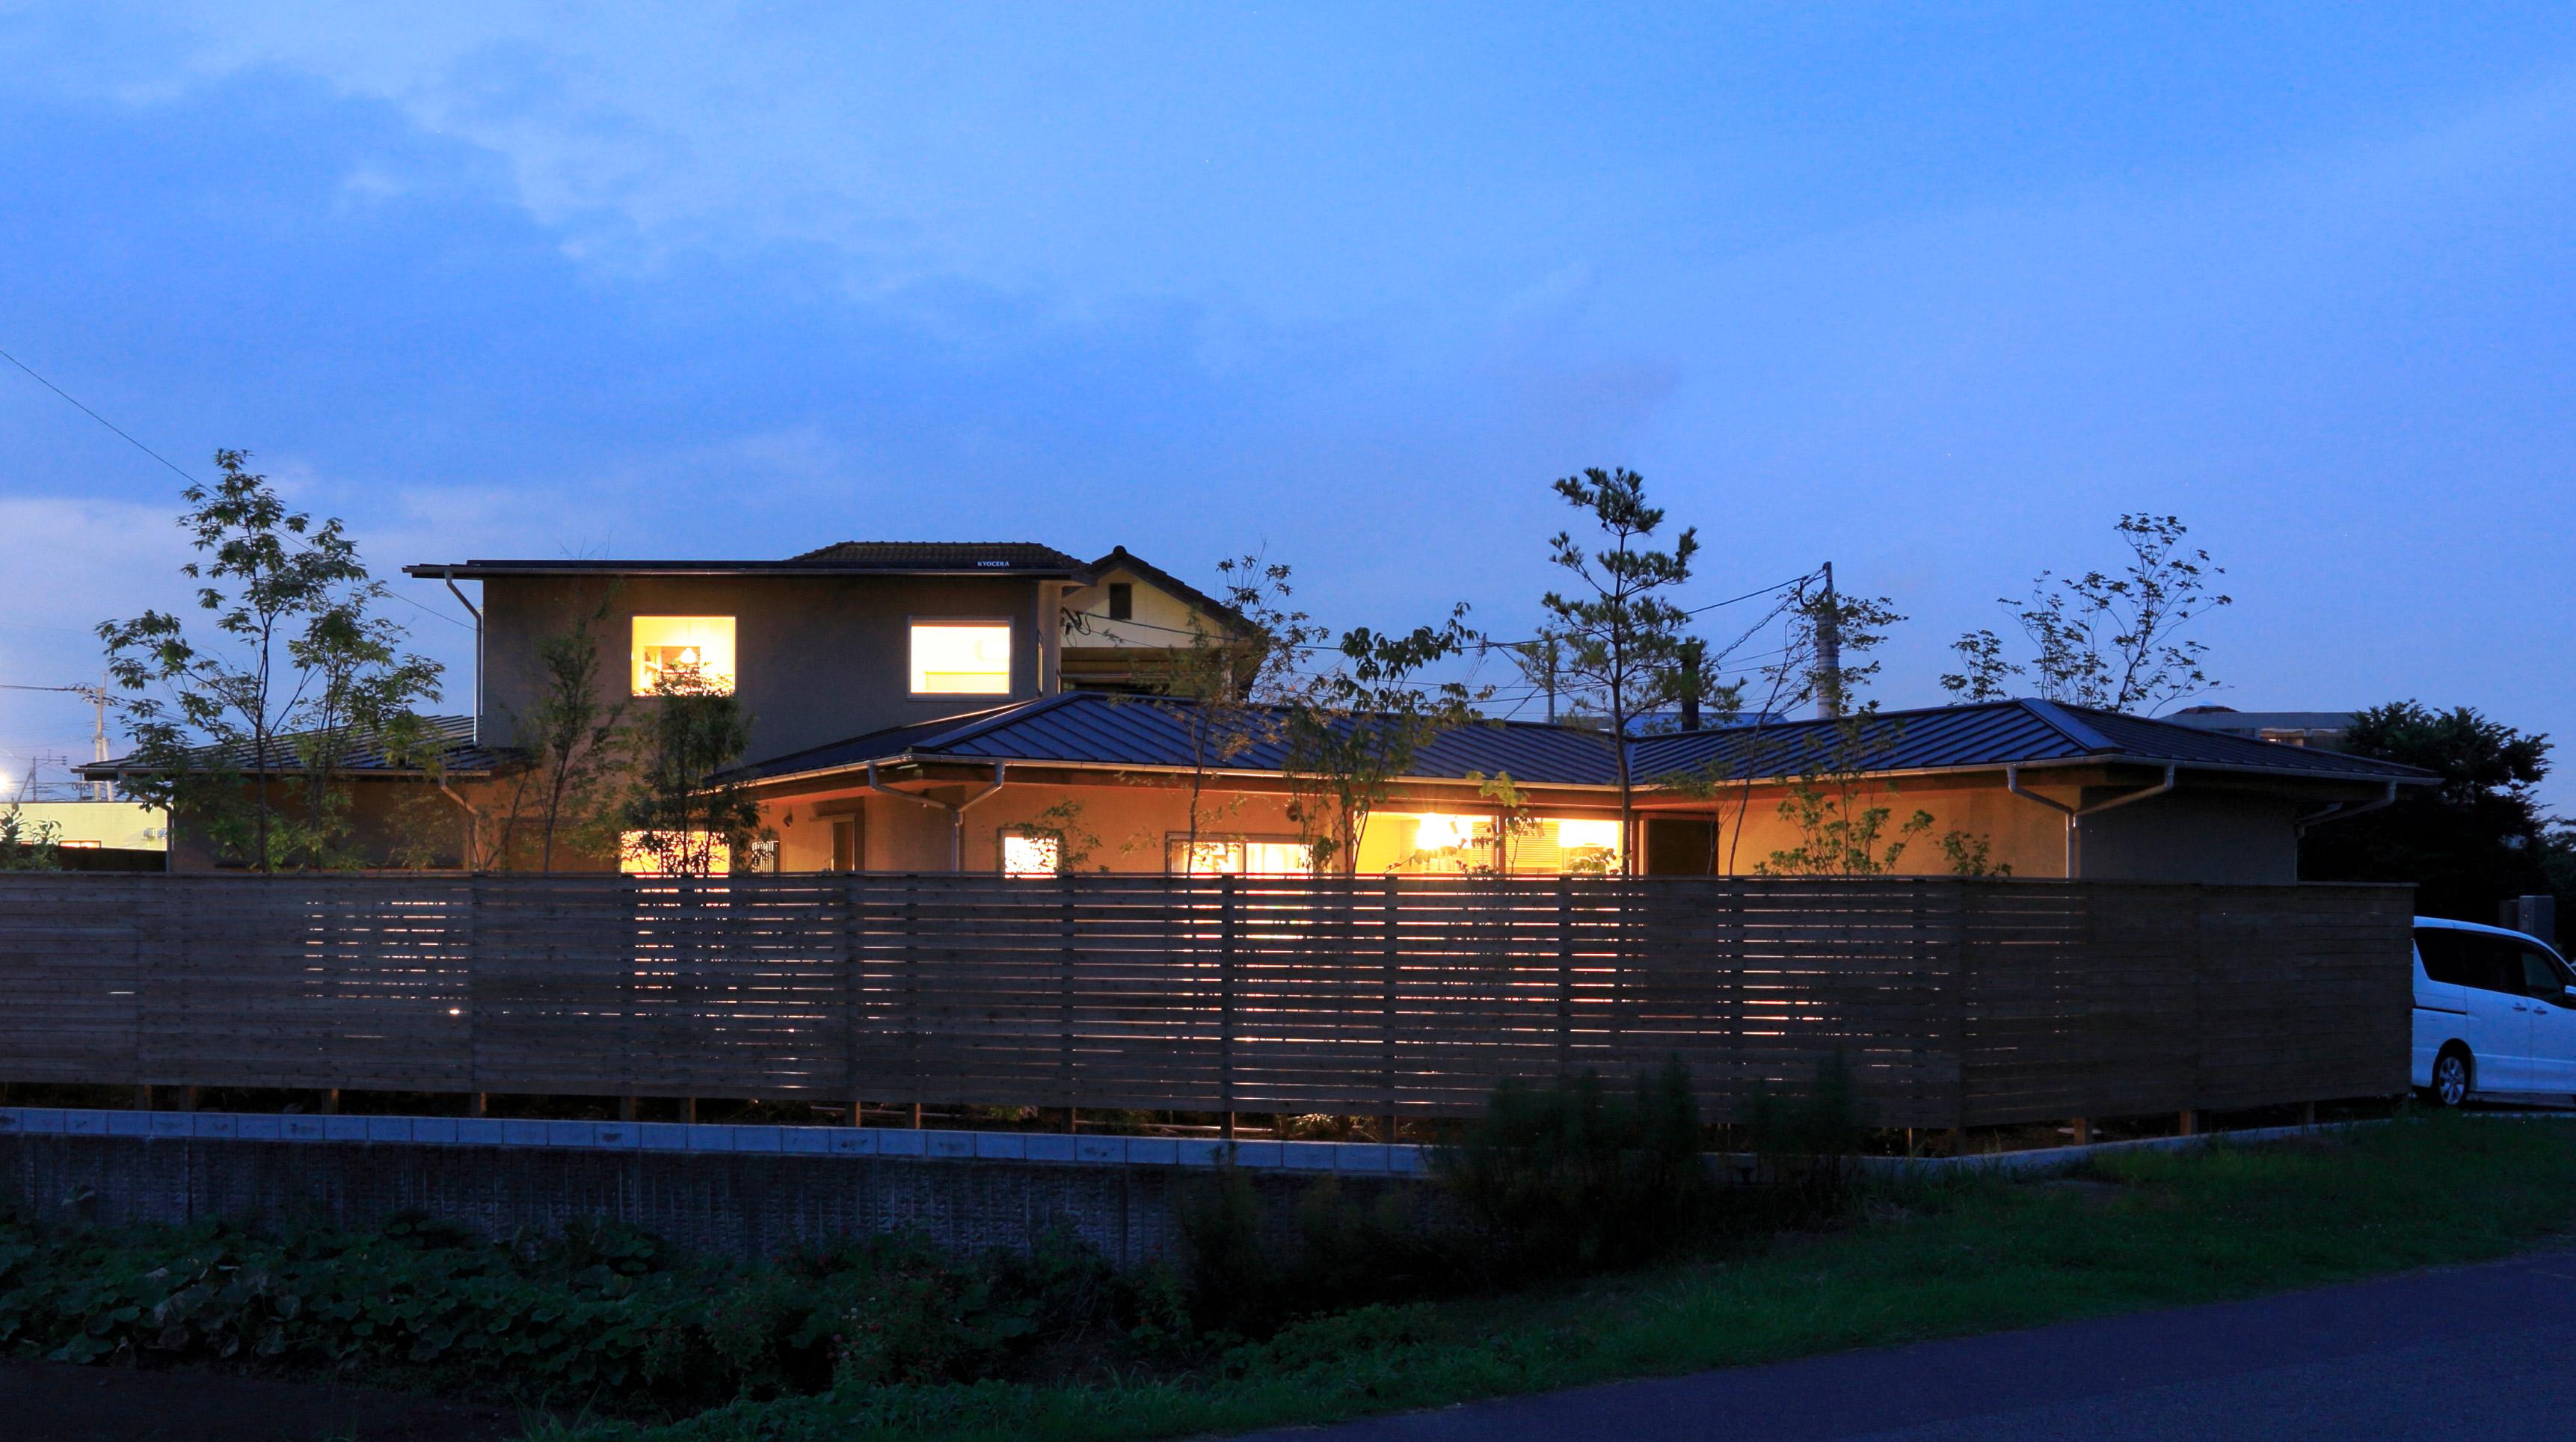 夕方に部屋の明かりが漏れ美しい外観の家